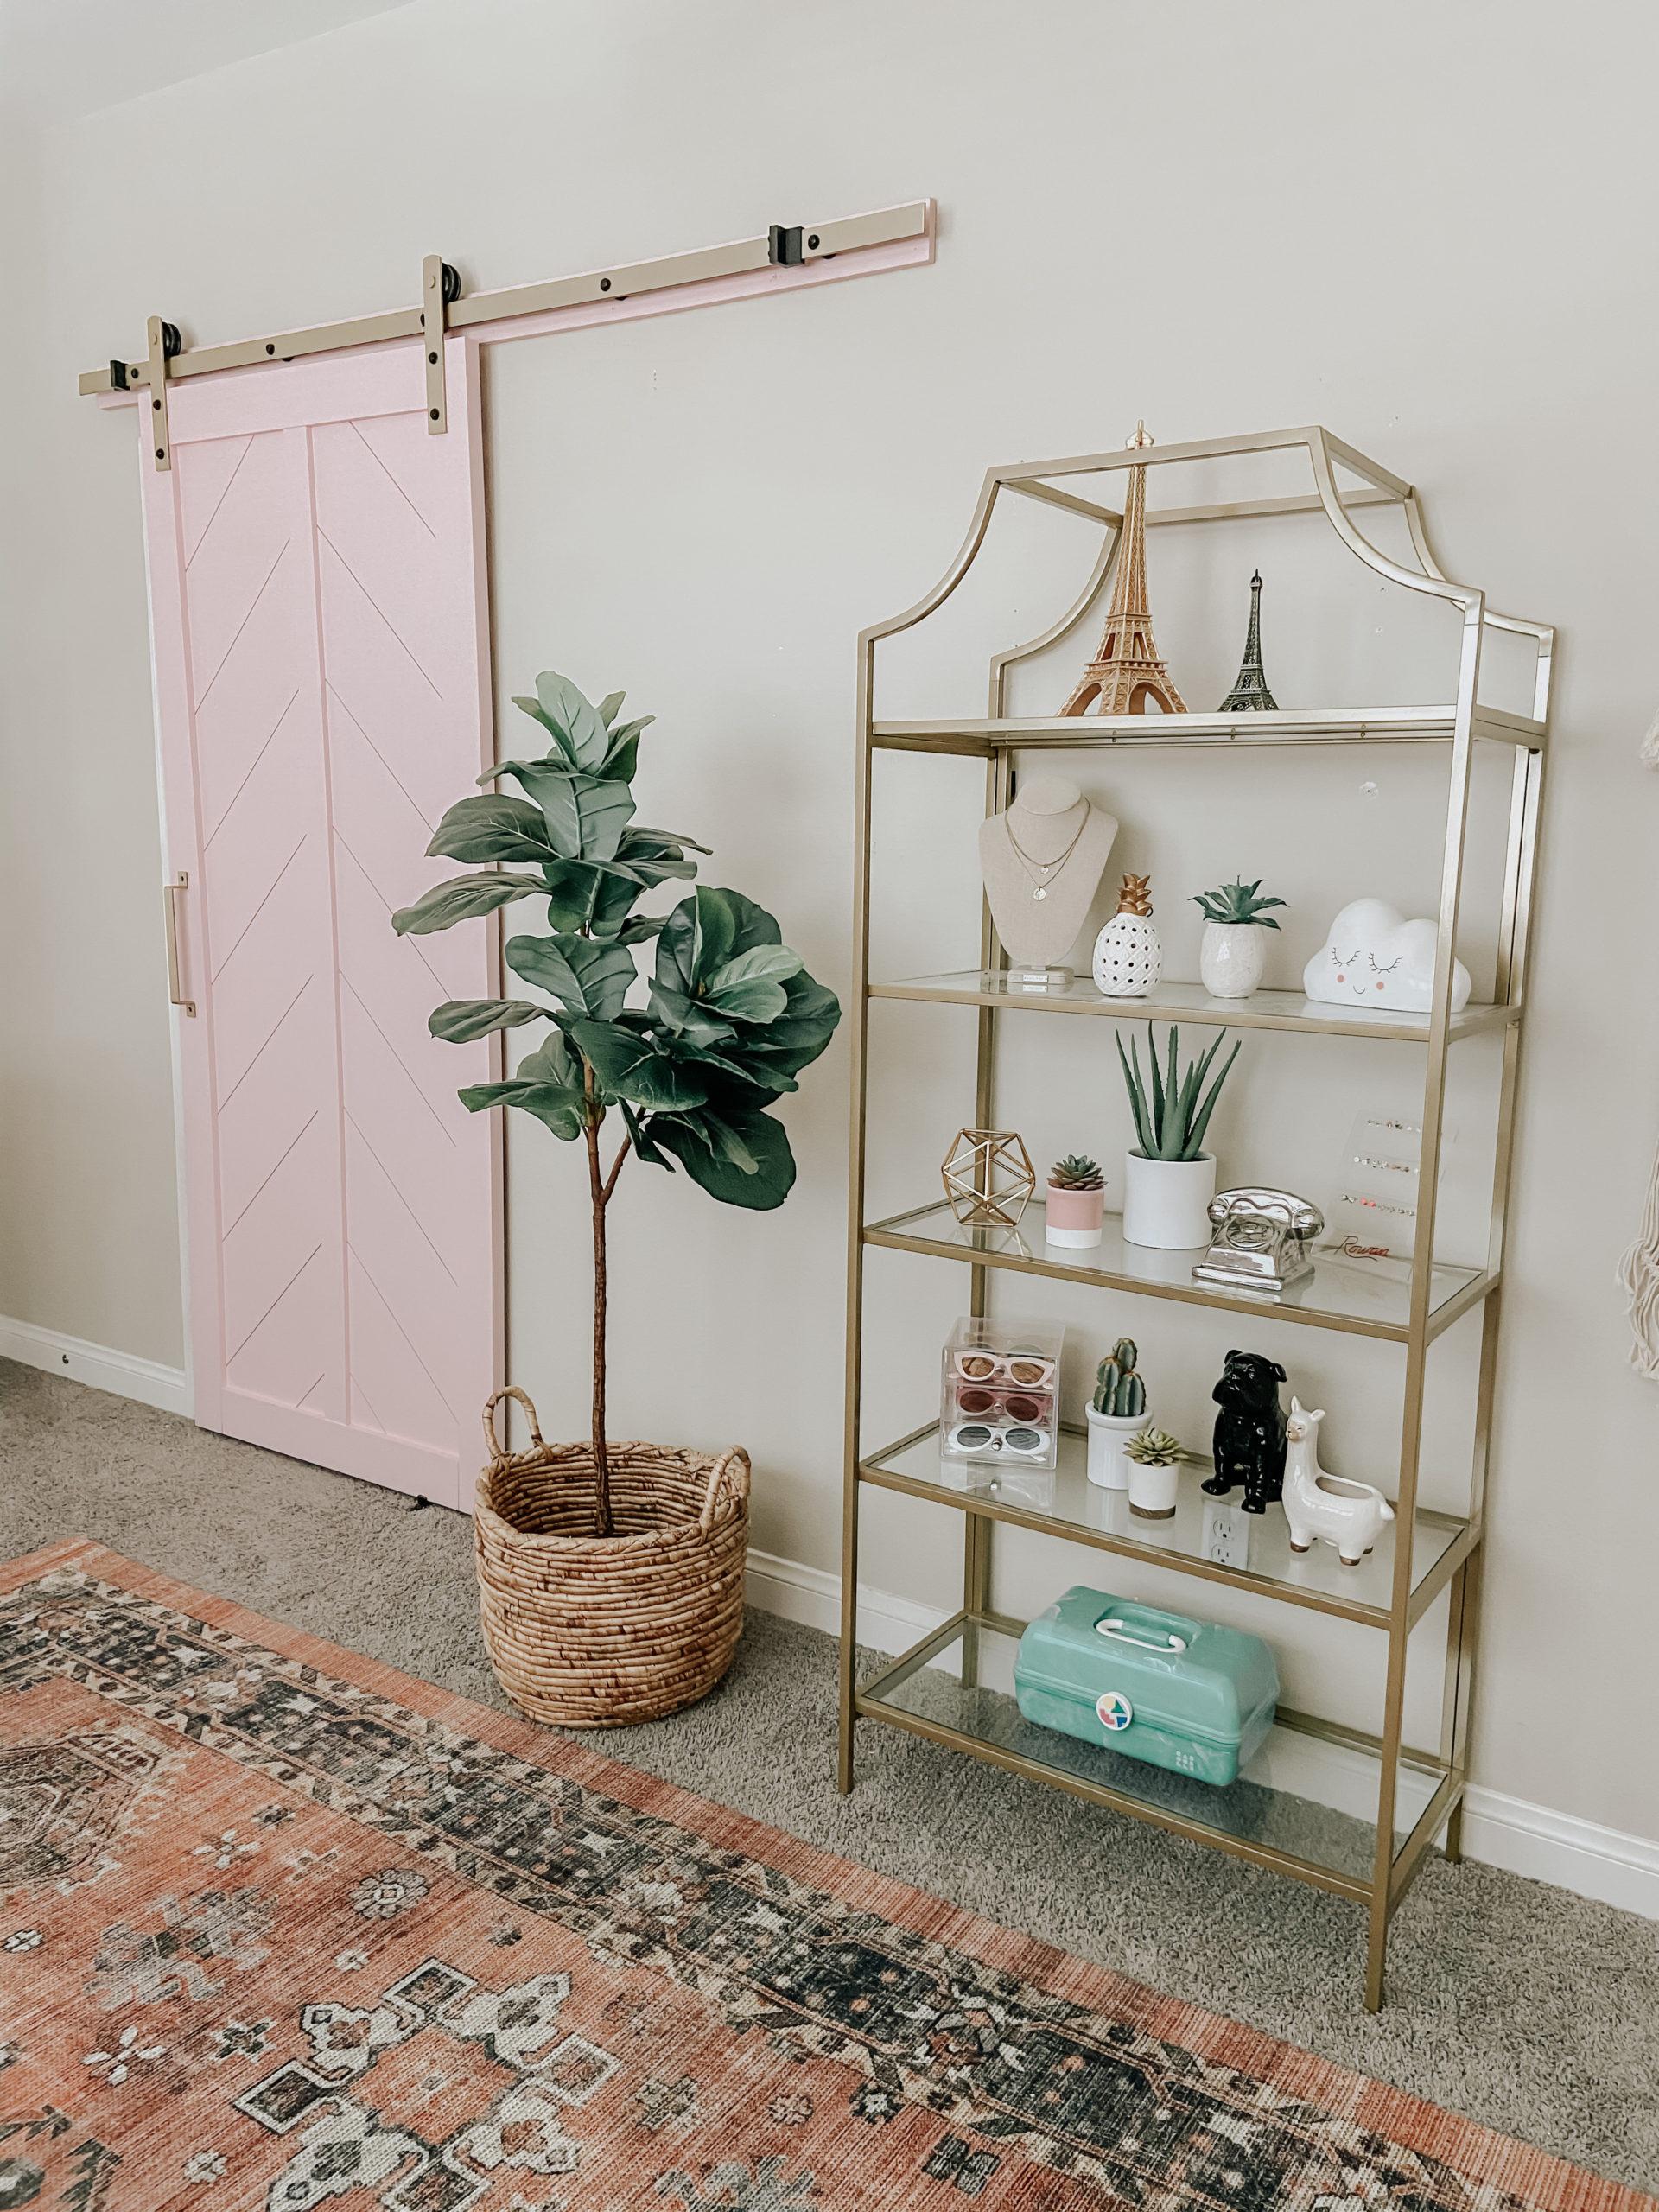 GIRLS BEDROOM MAKEOVER- Jaclyn De Leon Style + sharing my daughter's boho chic bedroom update including wall paper + barn door